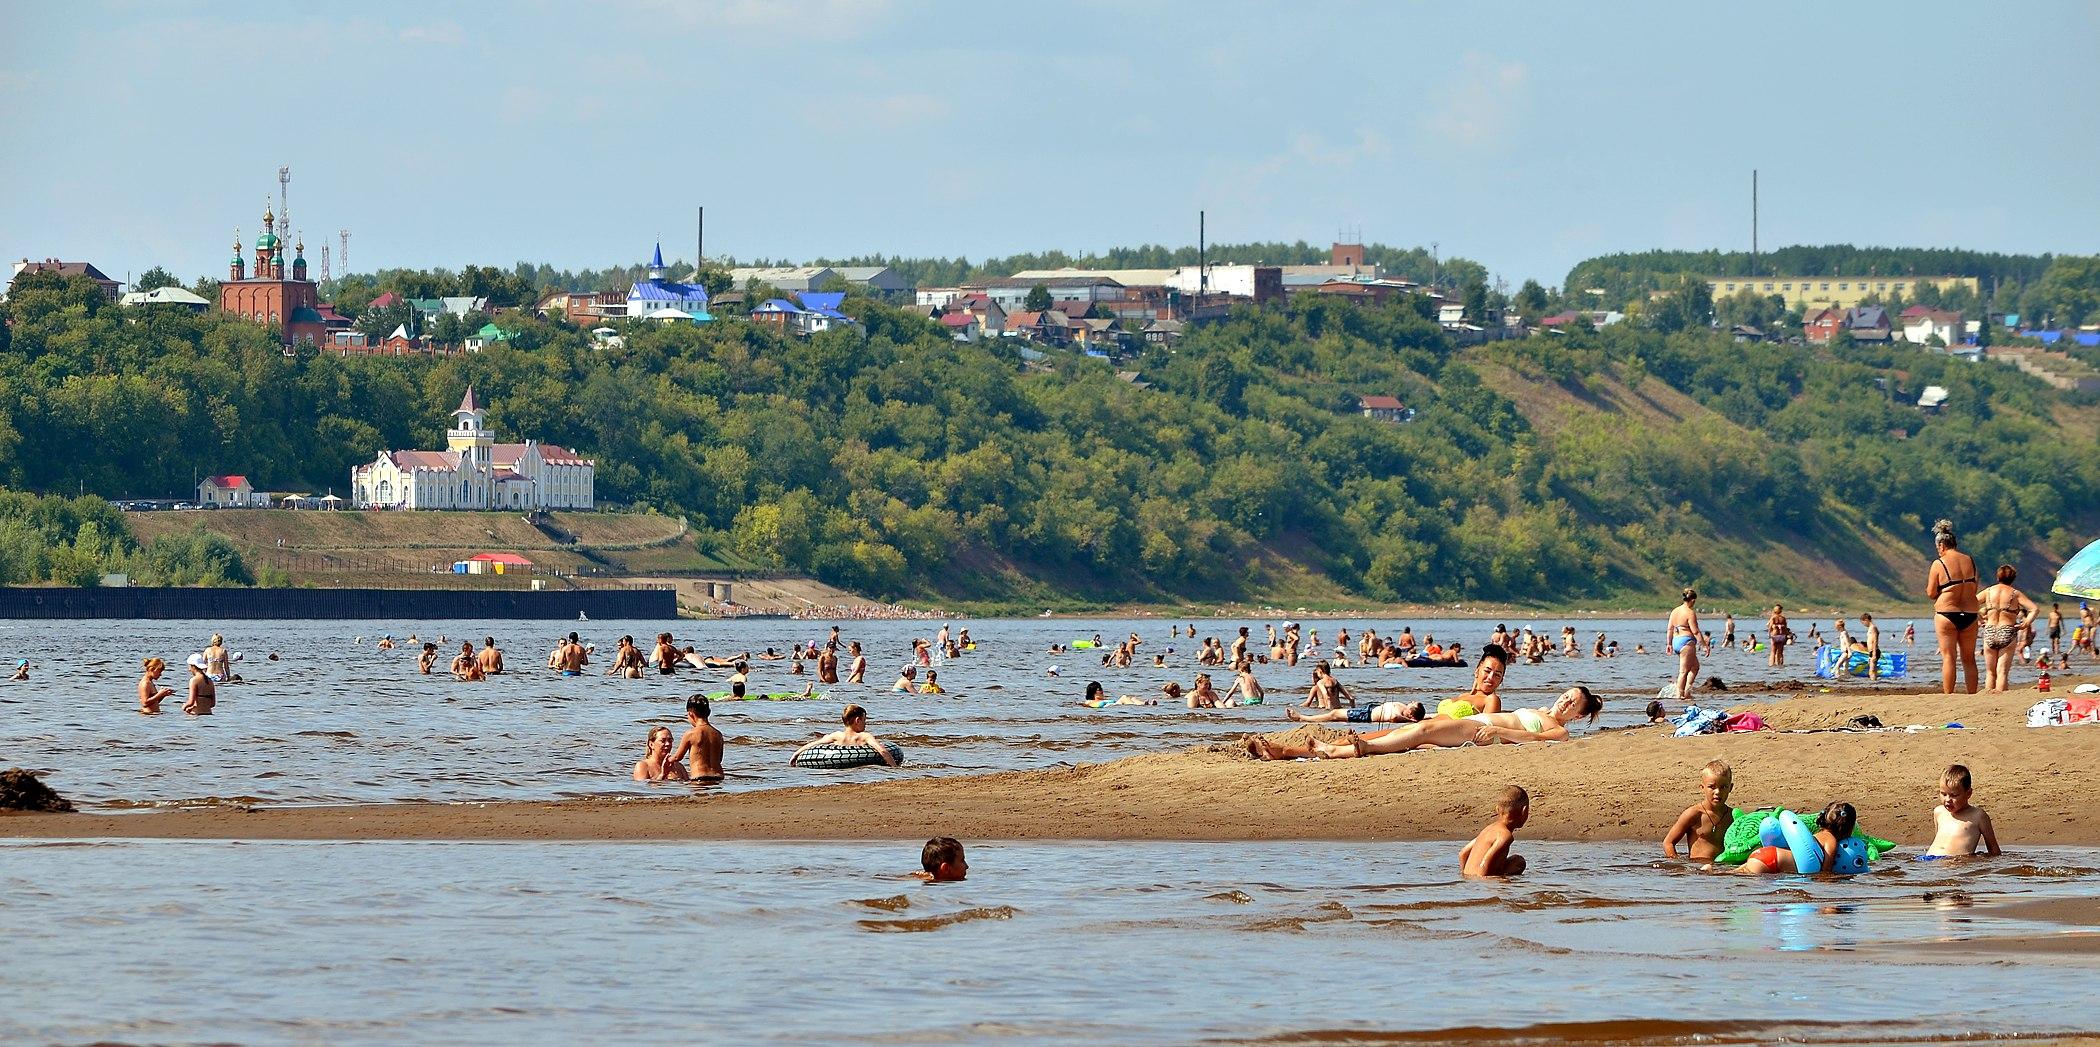 Фото сарапула с пляжа